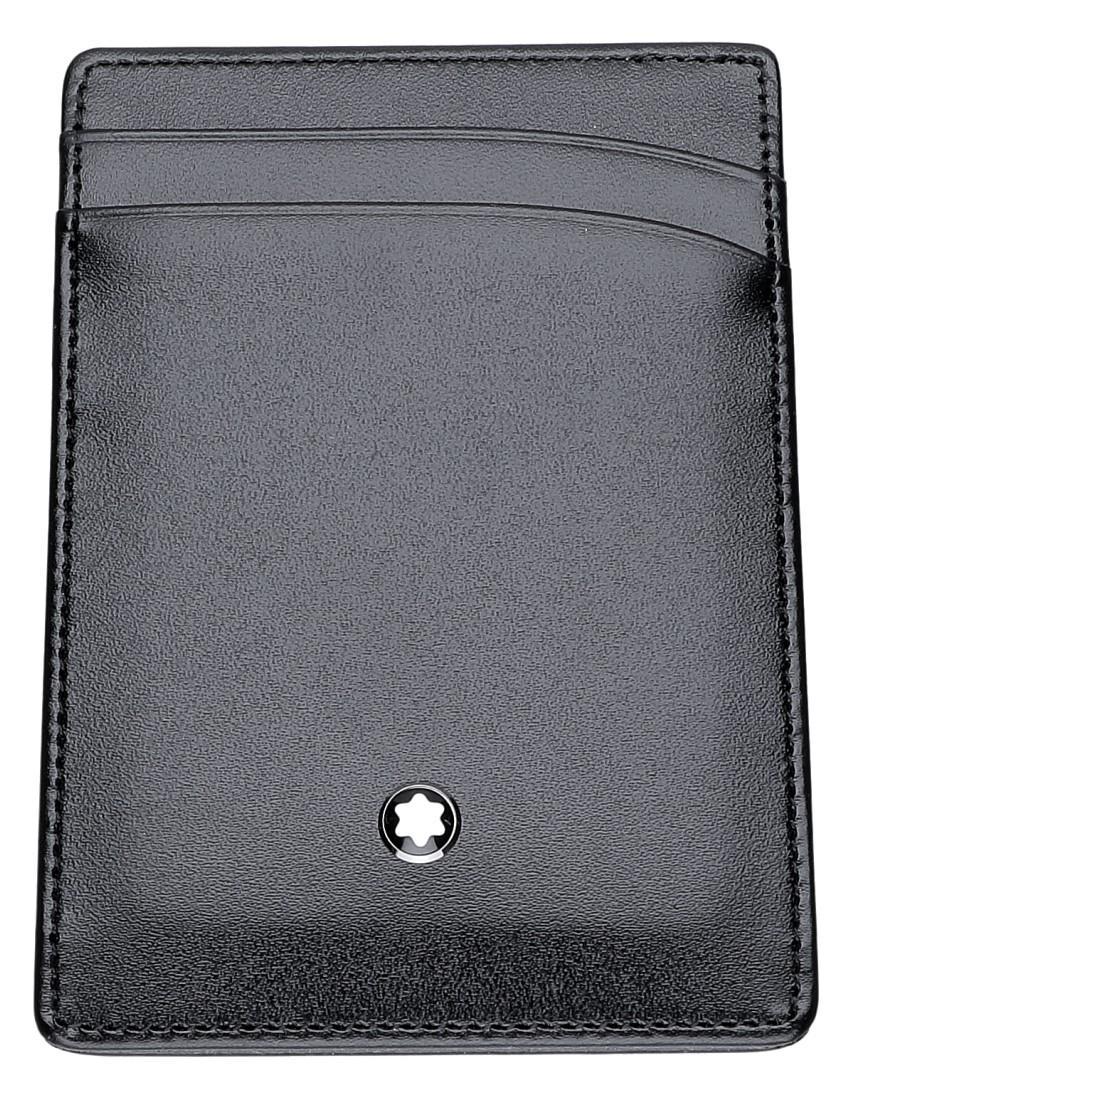 Porta carte di credito in pelle nera - MONTBLANC